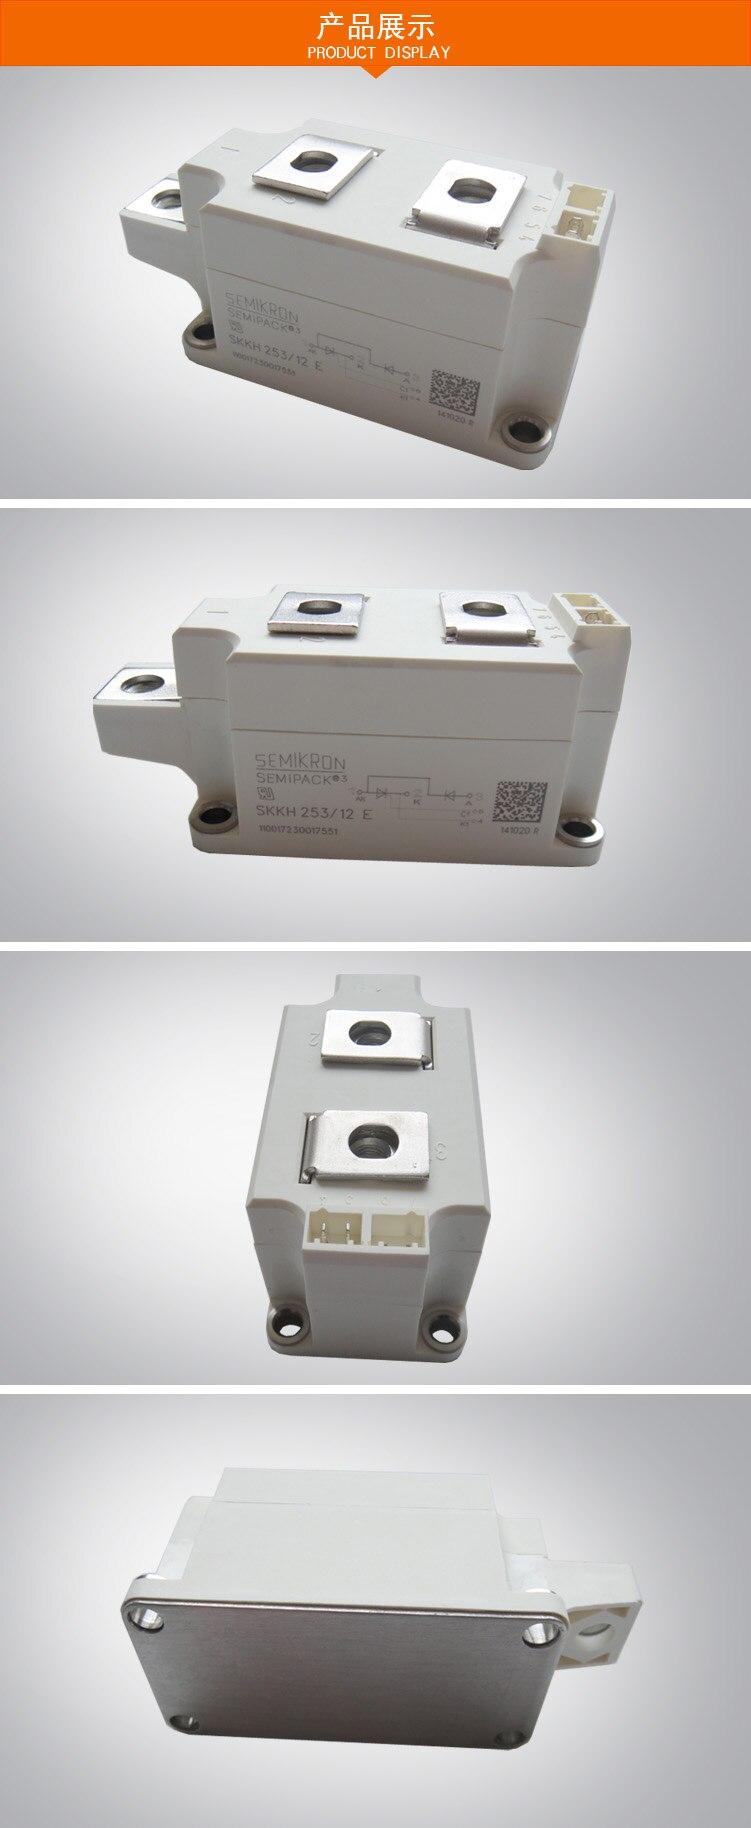 SKKH253/12E мостовой выпрямительный модуль SKKH253